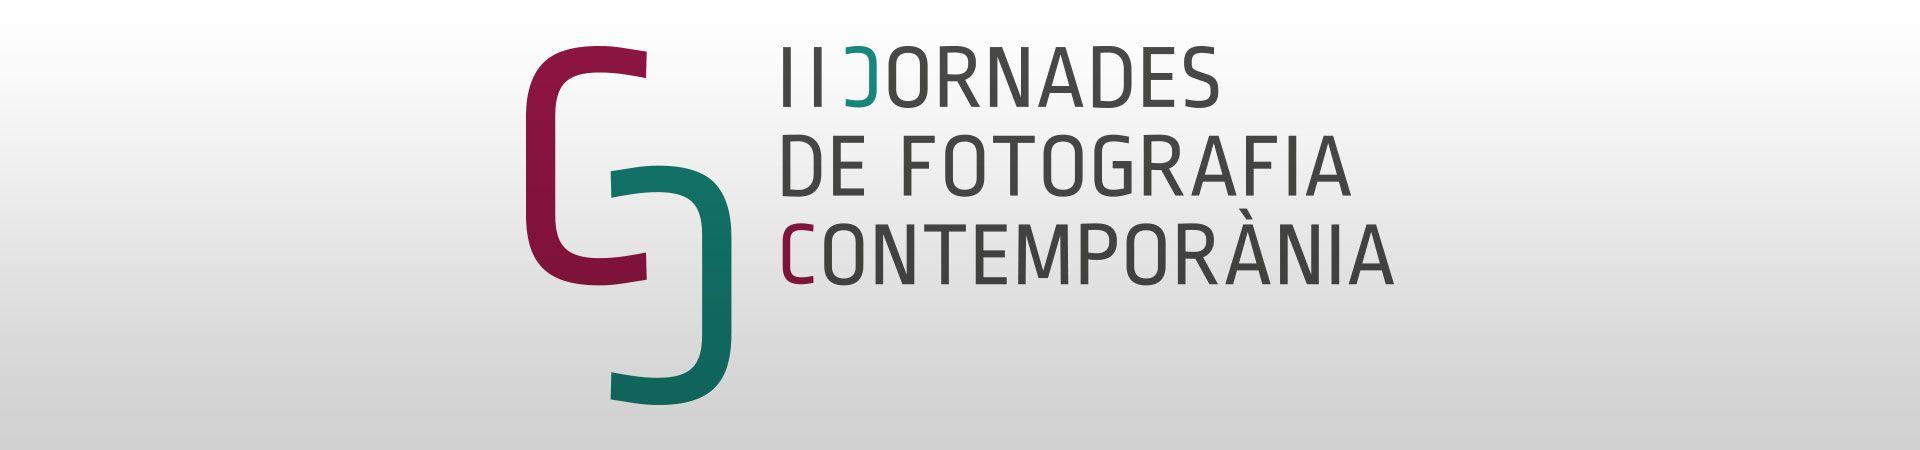 Jornades de Fotografia Contemporània